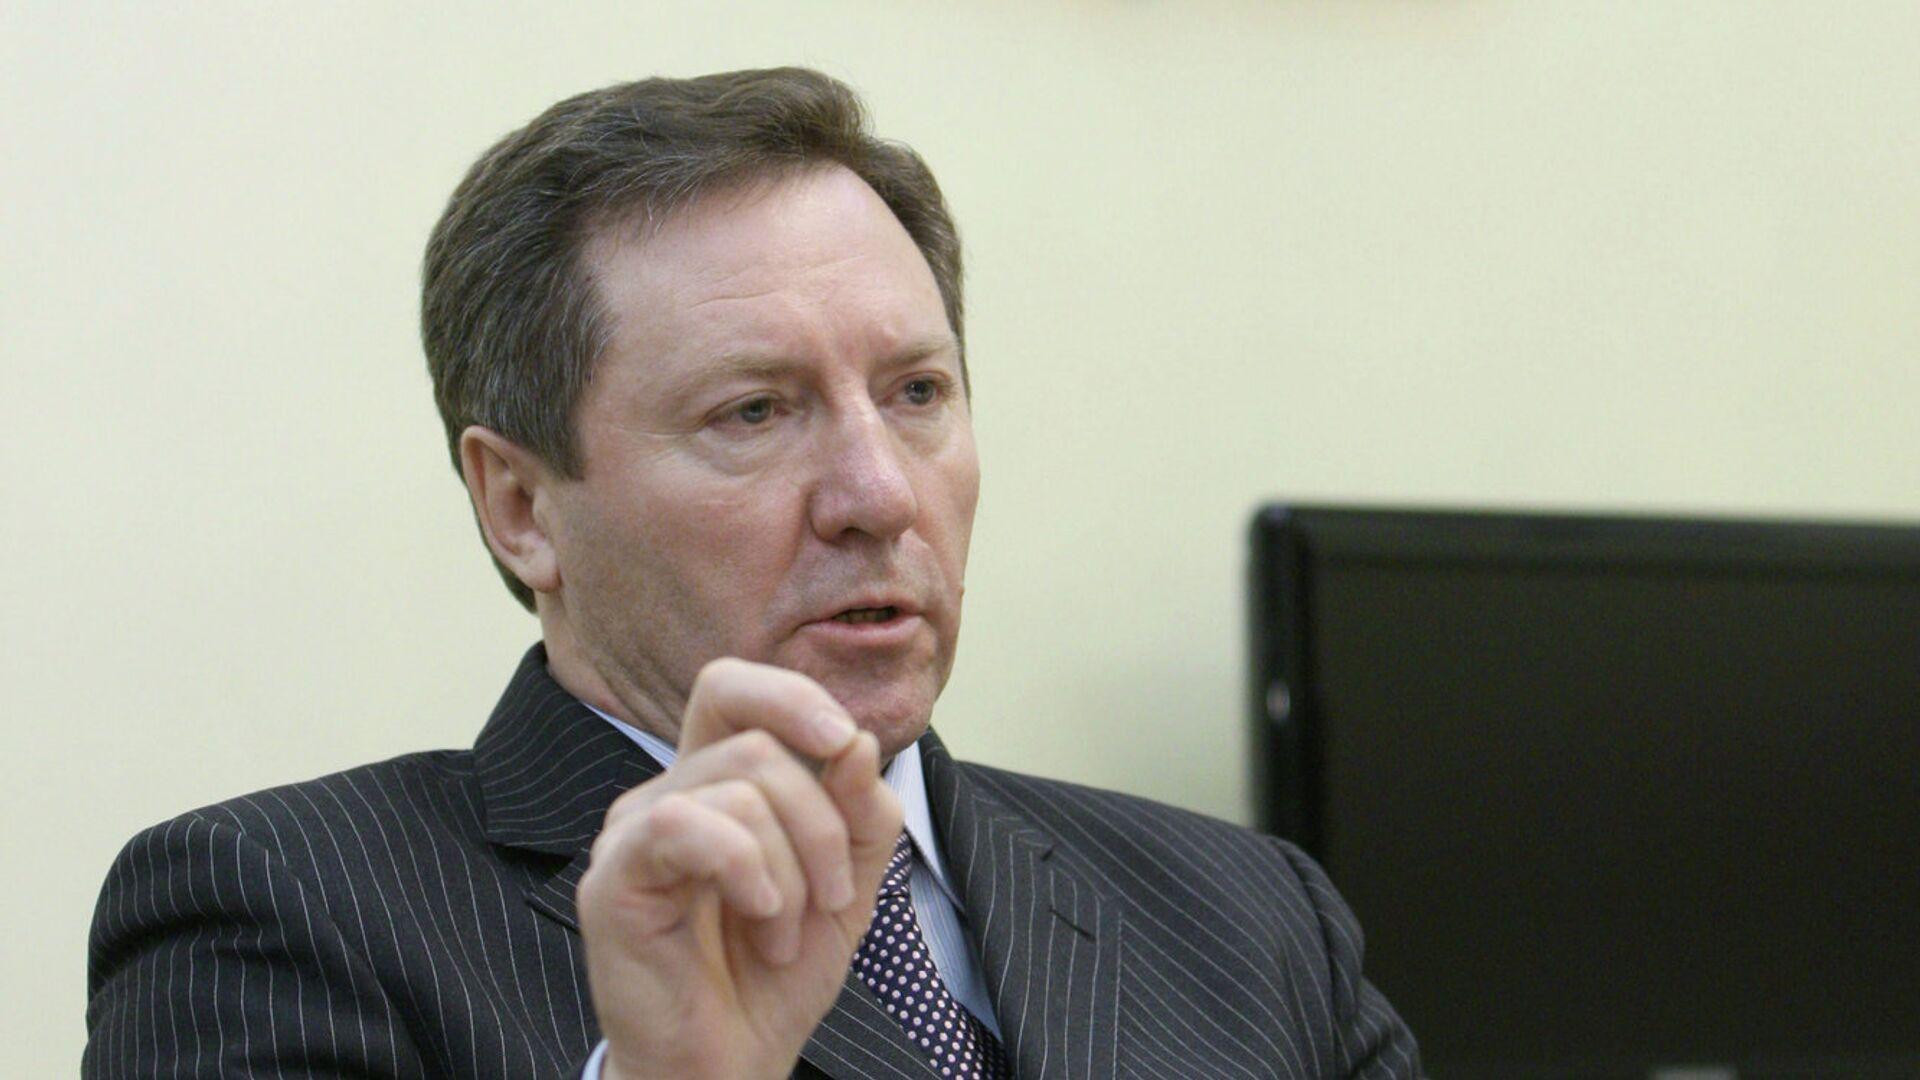 Липецкий губернатор прокомментировал инцидент с сенатором Королевым